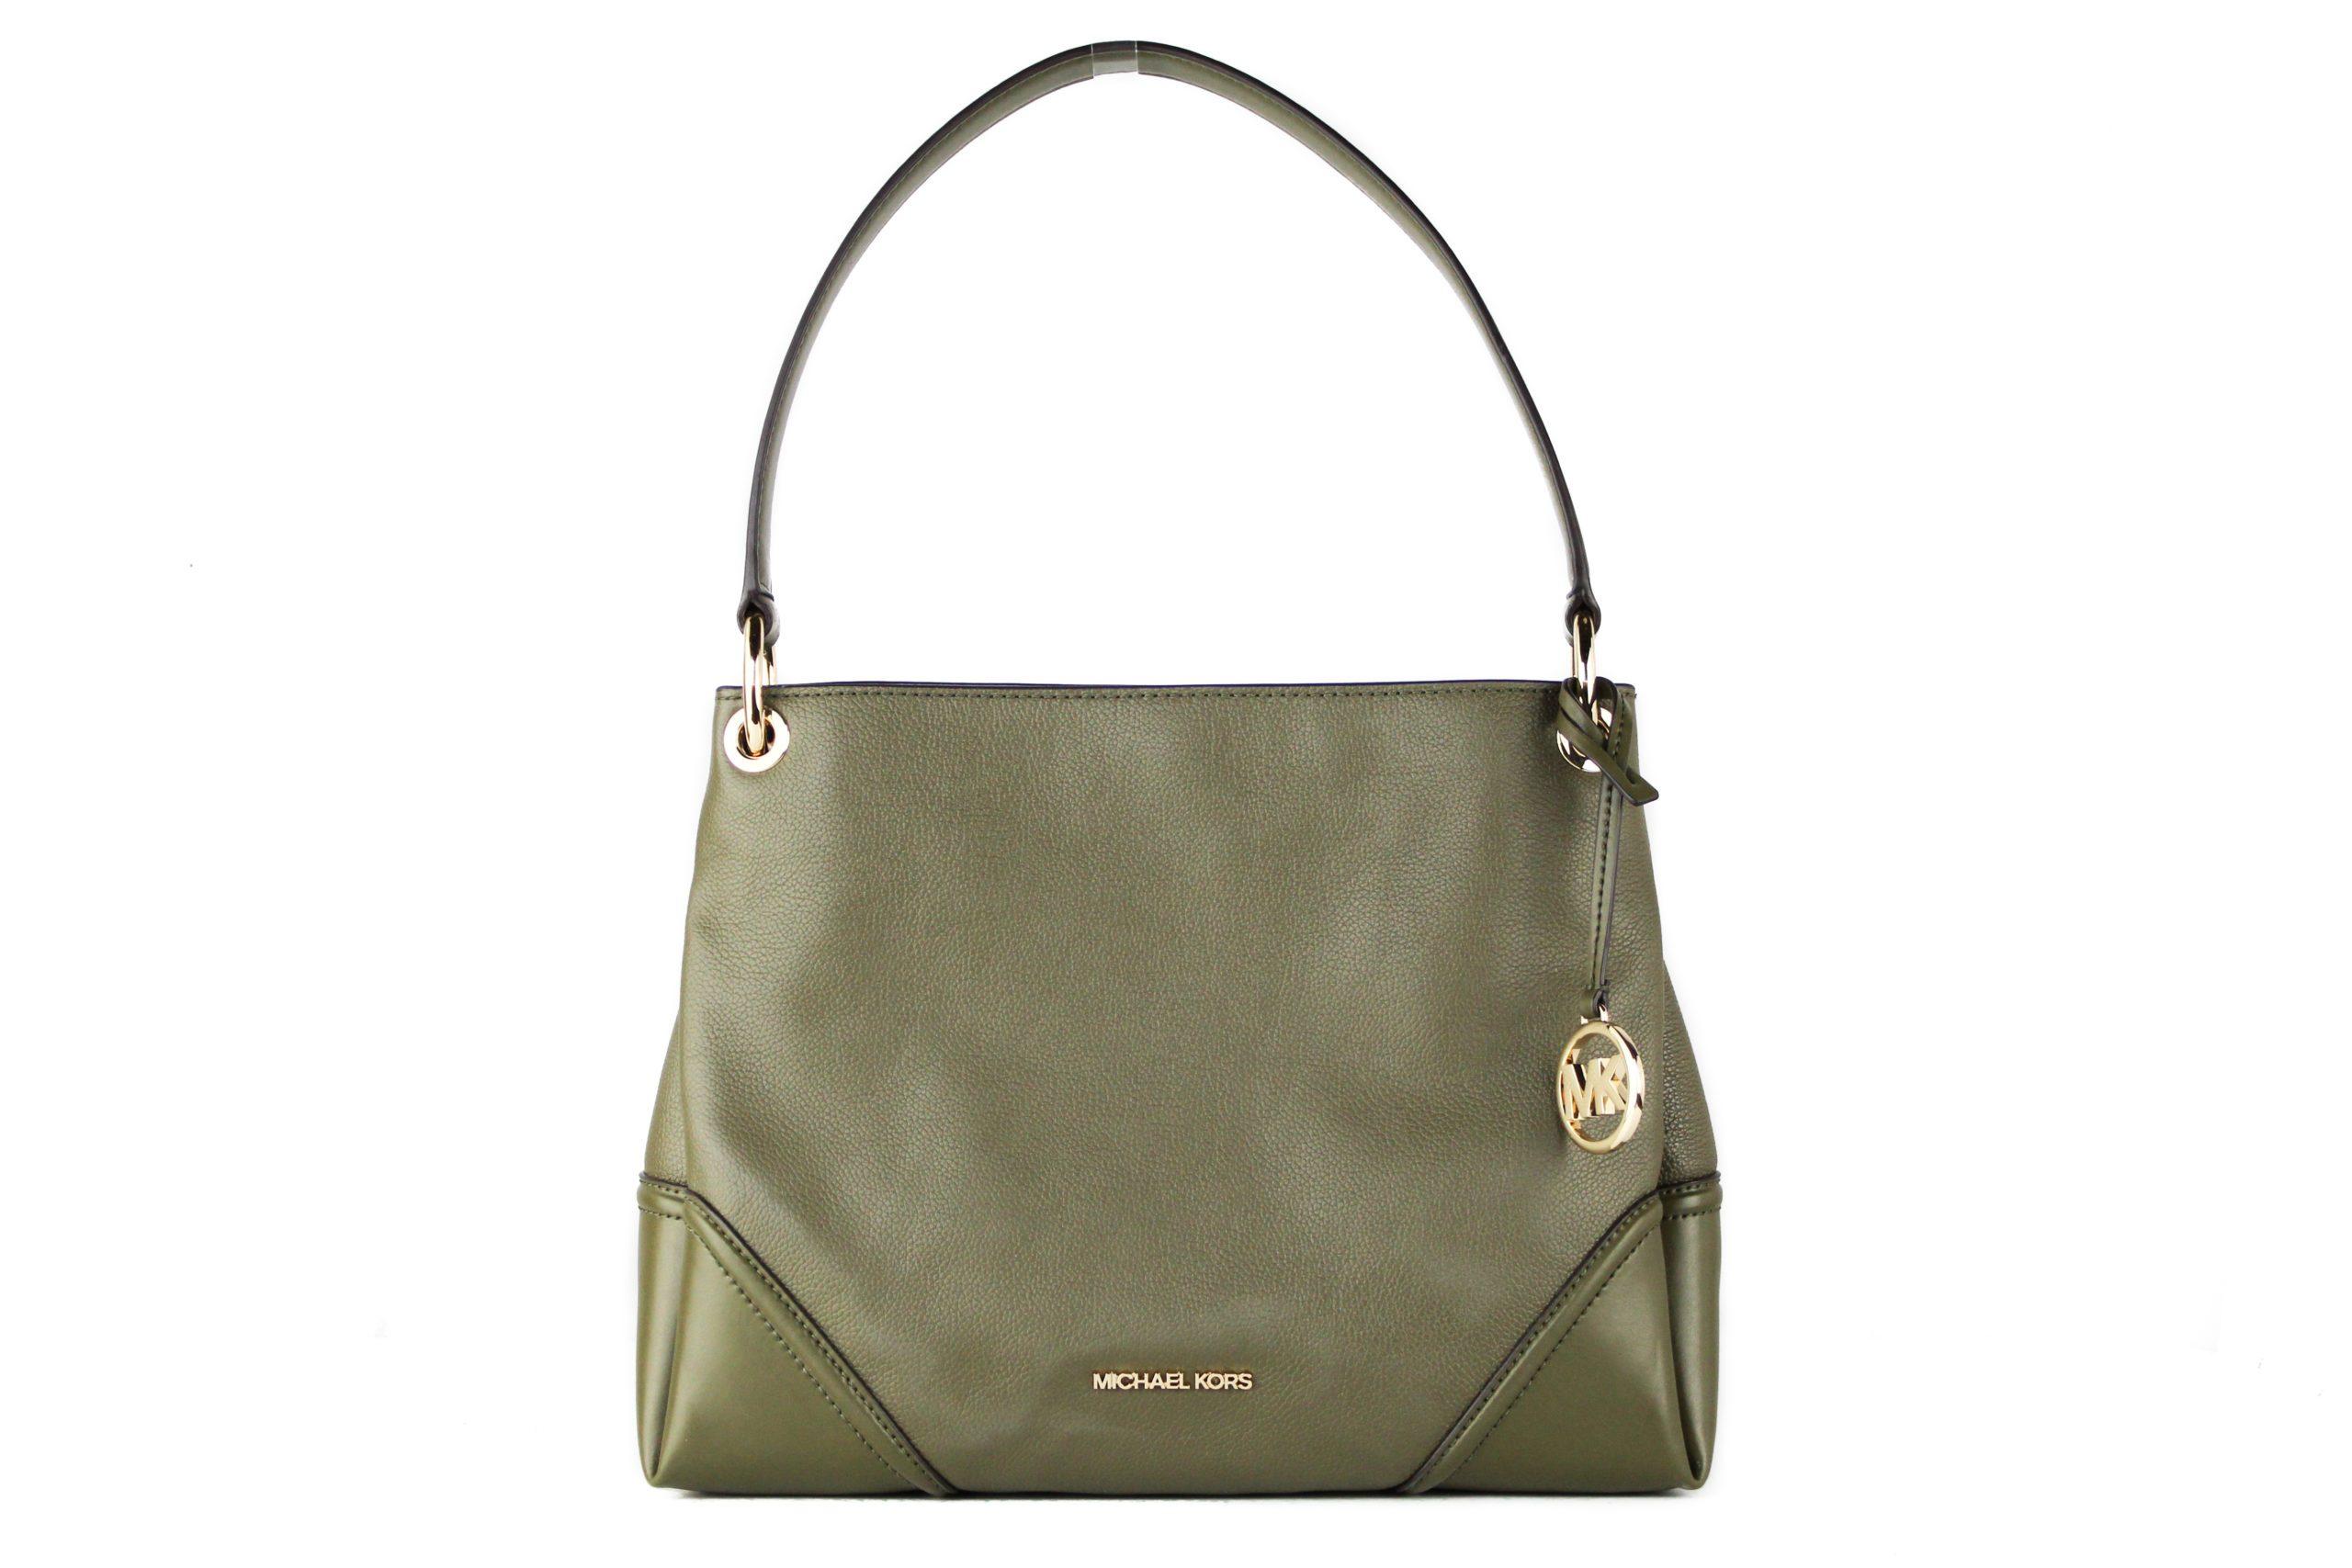 Michael Kors Women's Nicole Shoulder Bag Green 40367